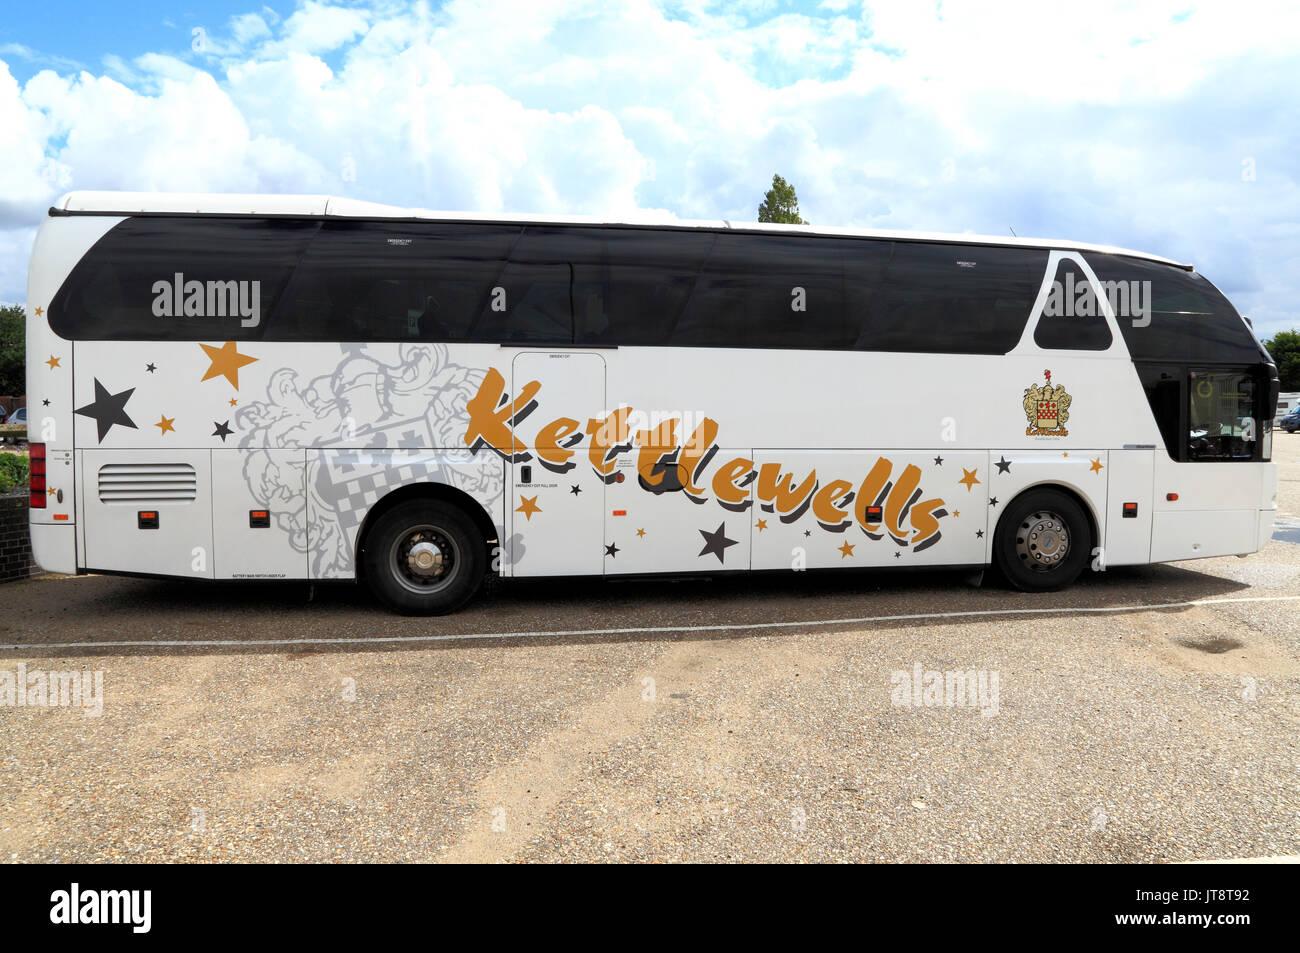 Kettlewells coach, entrenadores, viaje, vacaciones, vacaciones, excursiones, transporte, Inglaterra, Reino Unido, el operador, los operadores, la compañía, las empresas Imagen De Stock